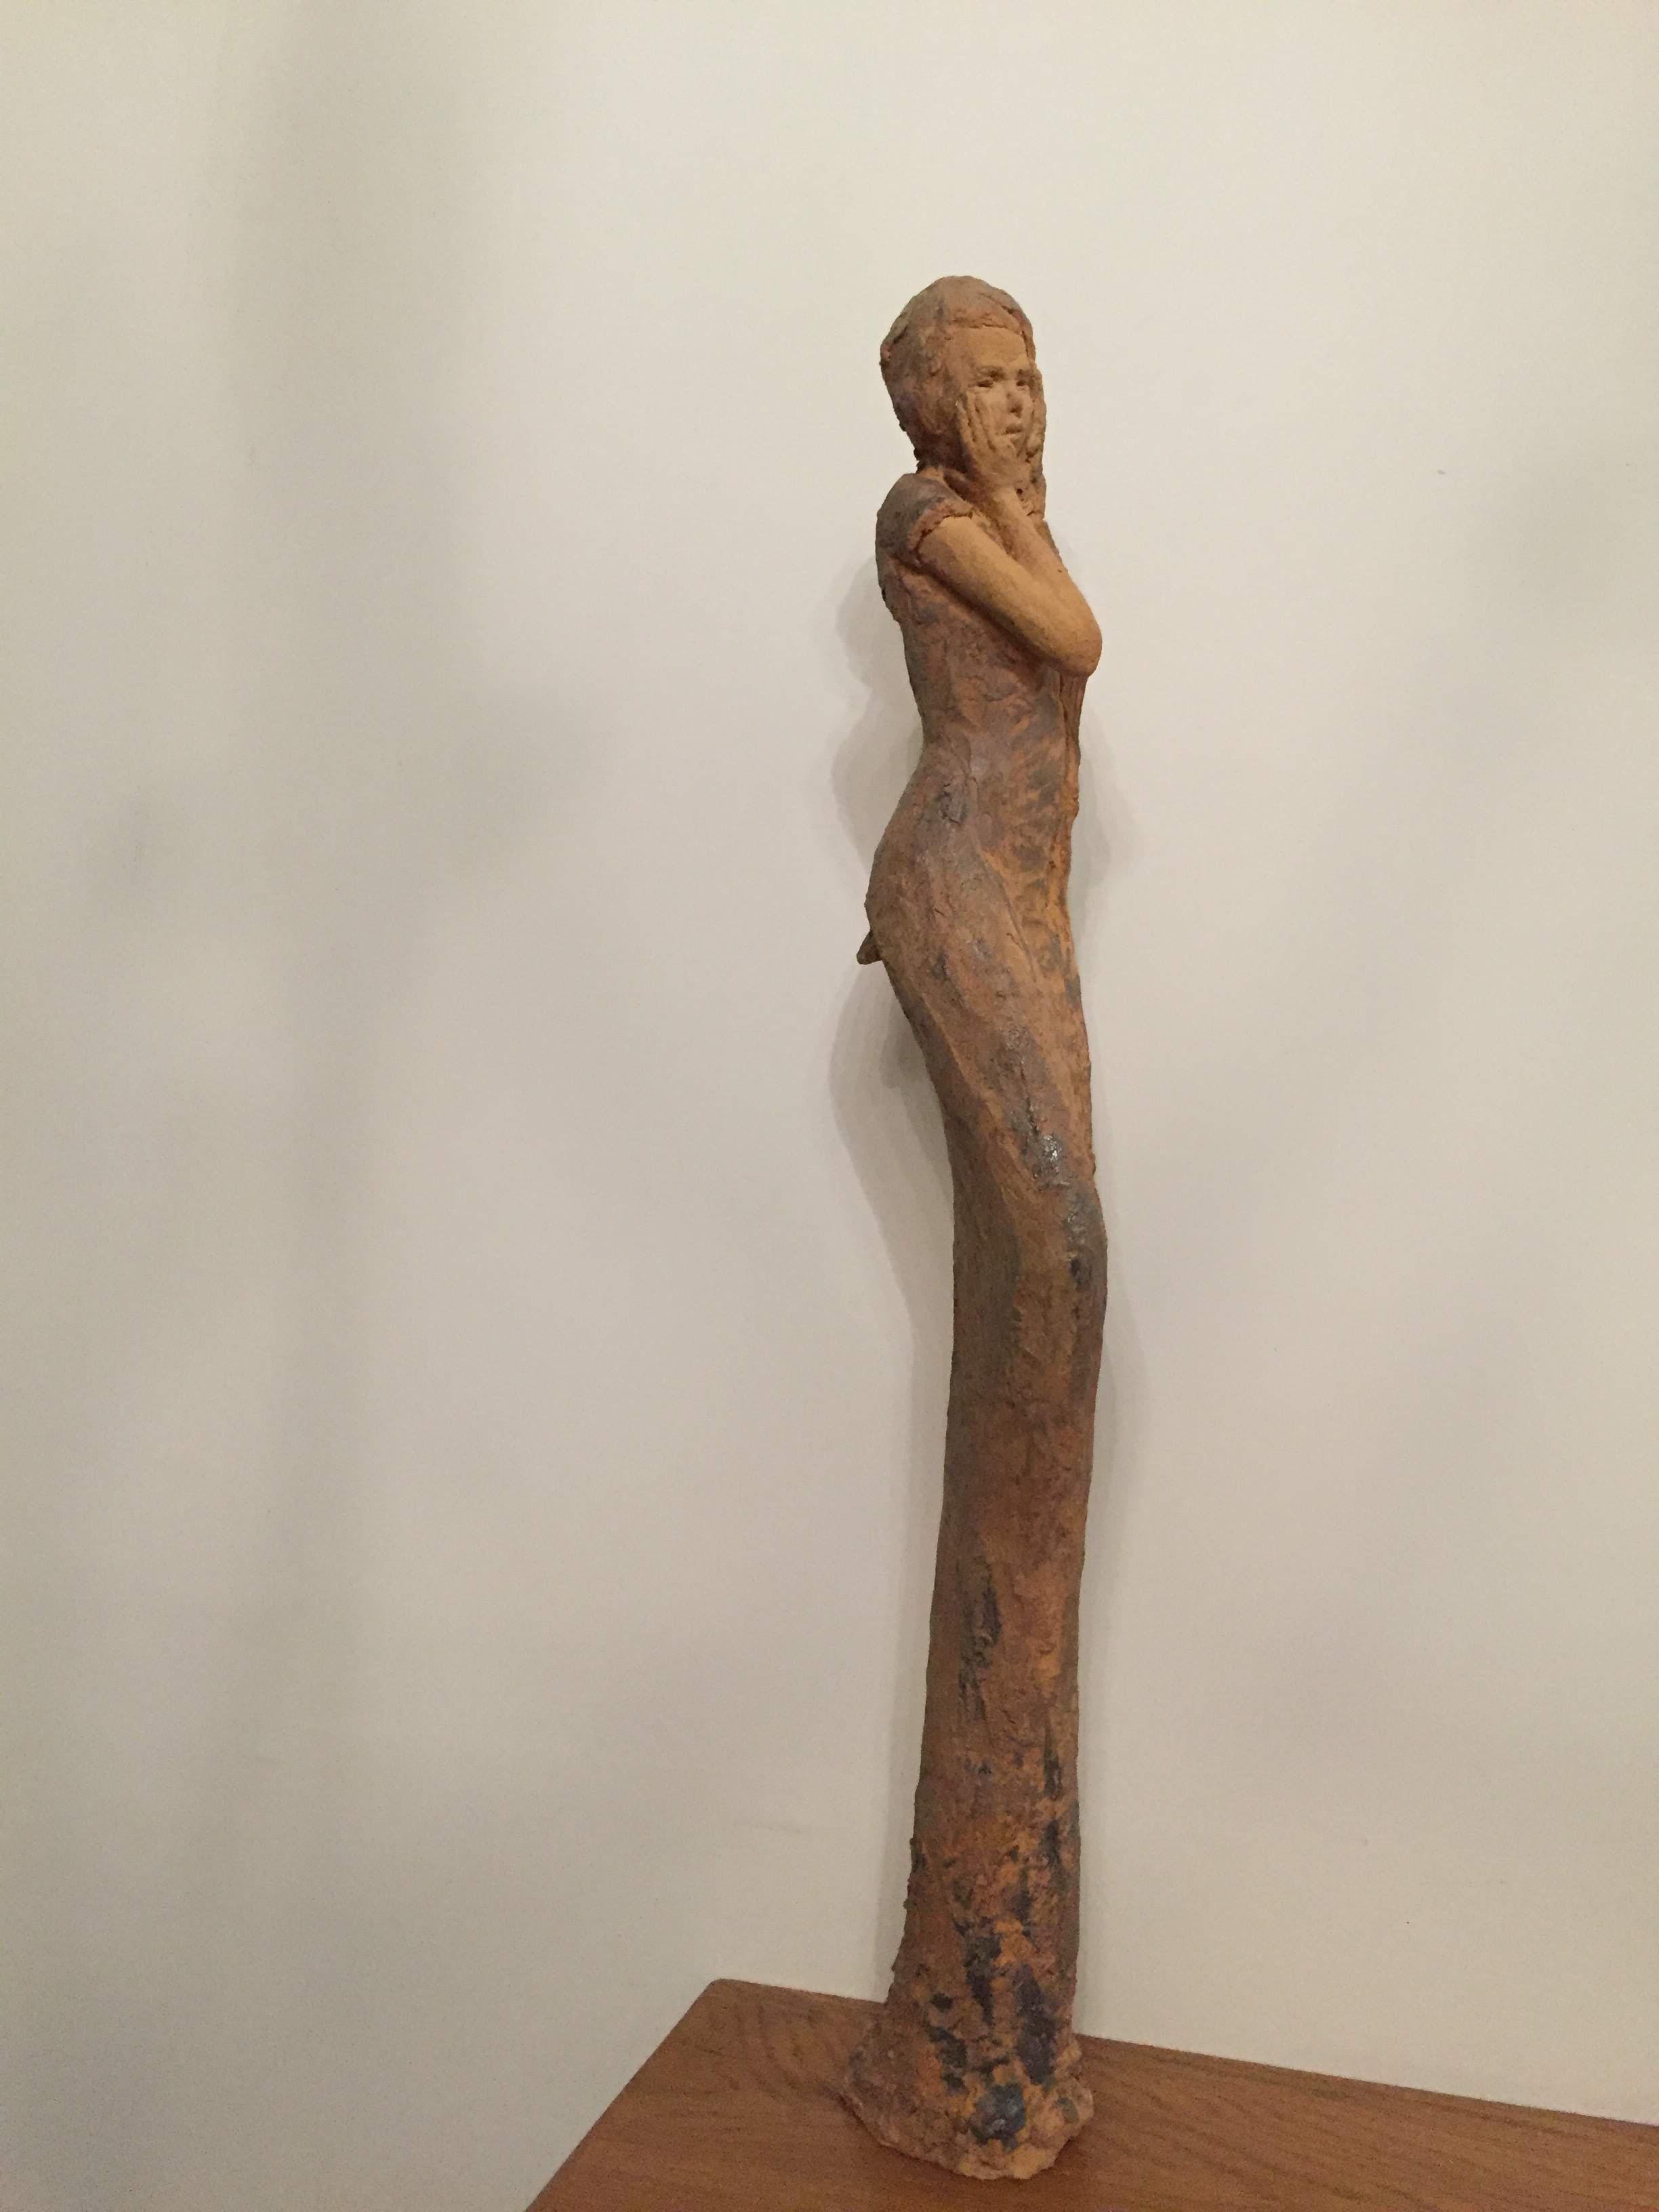 Sculpture cuisson bois terre cuite sculpture femme longue songe douce